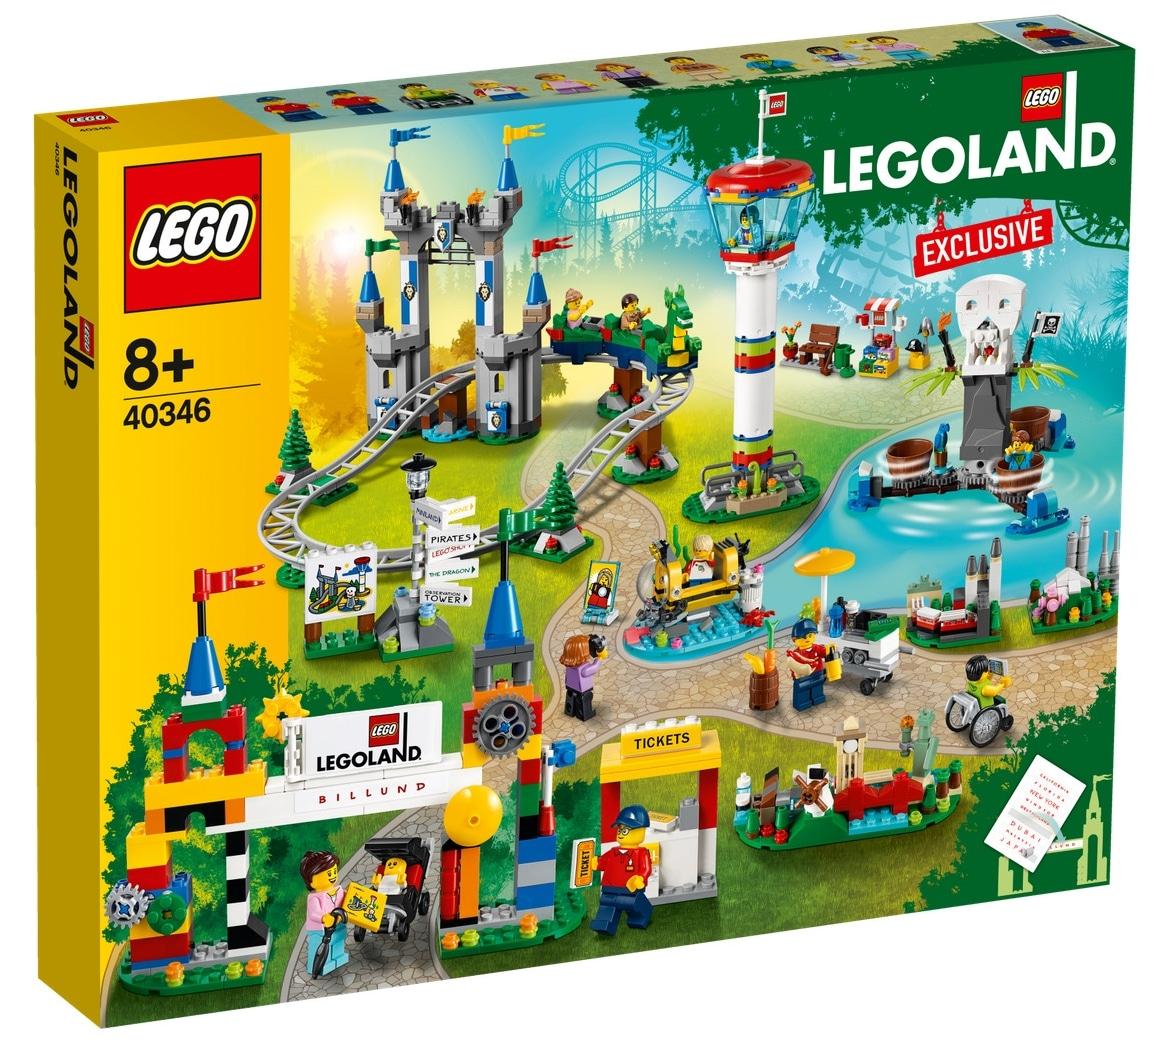 LEGO 40346 LEGOland Park 1